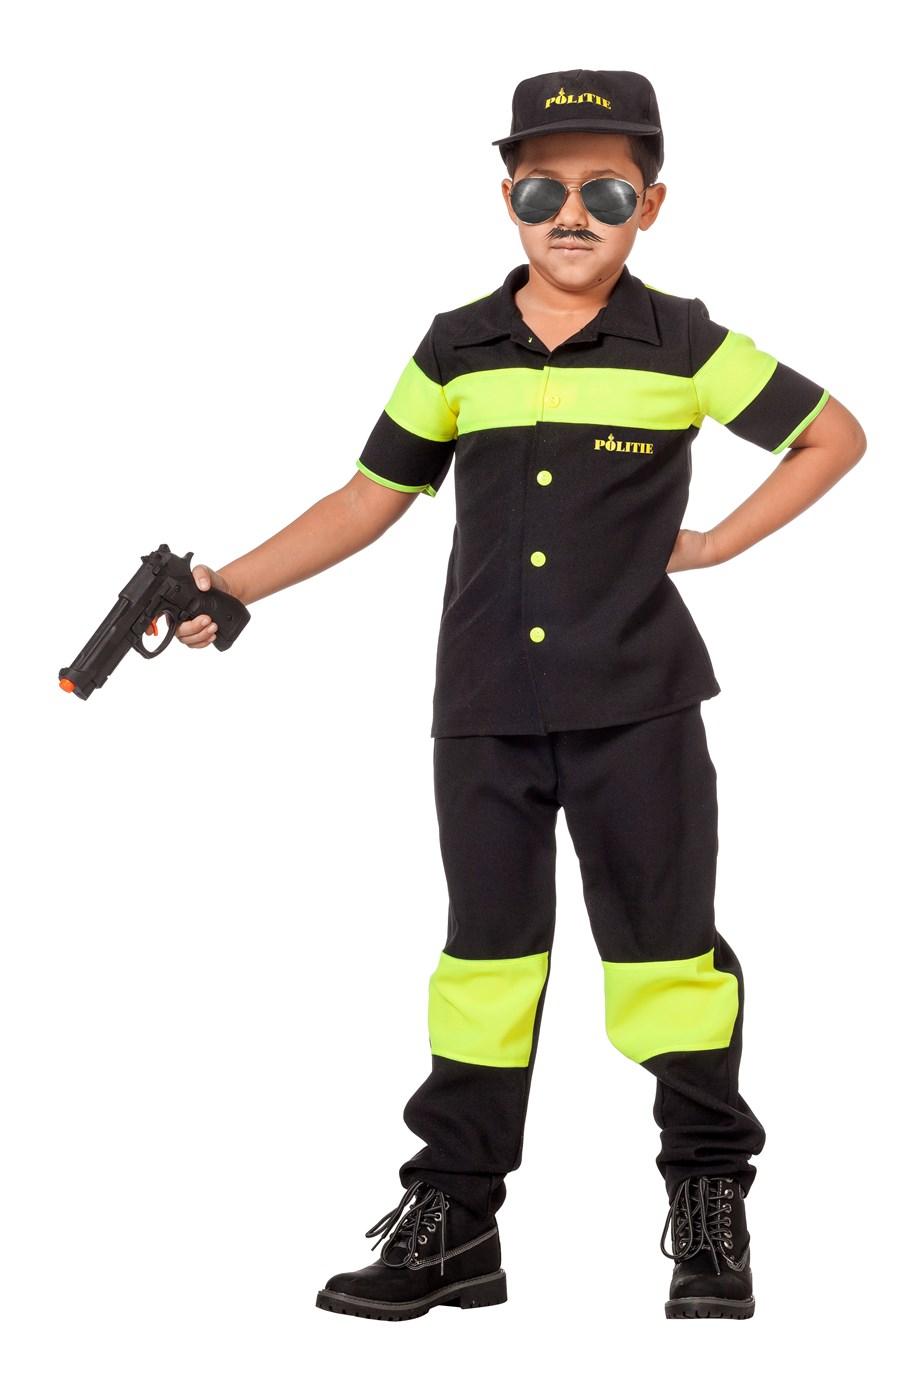 Politie Nederland-0